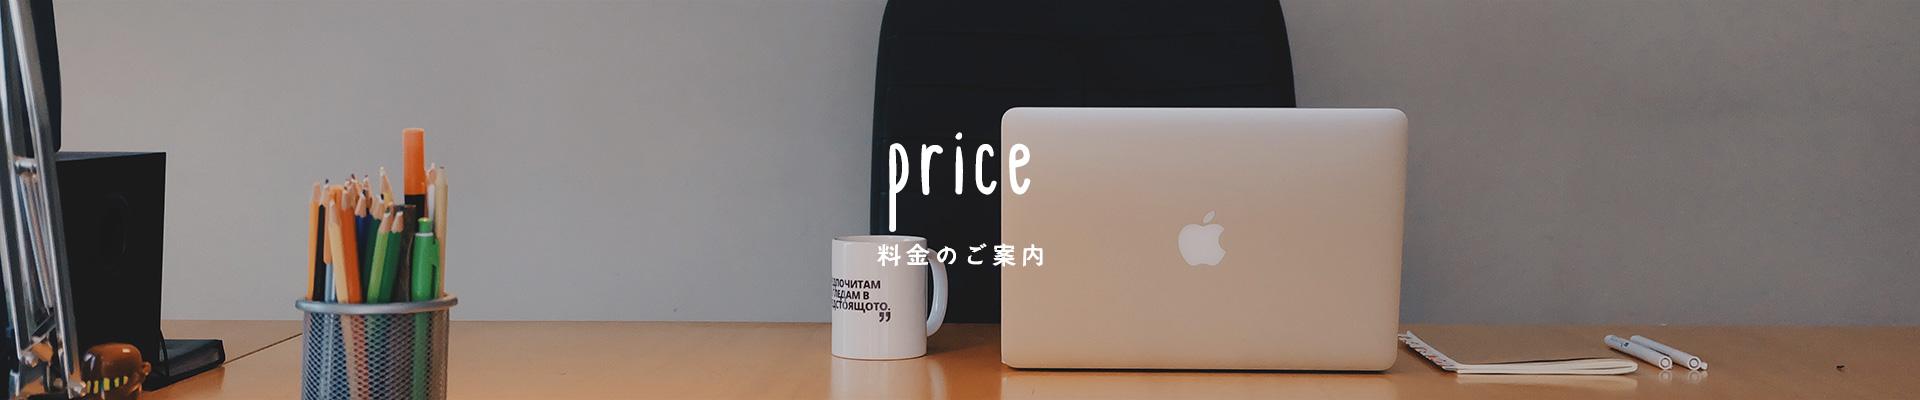 ホームページ制作サービス岐阜県大垣市のJIMOTOPAGE